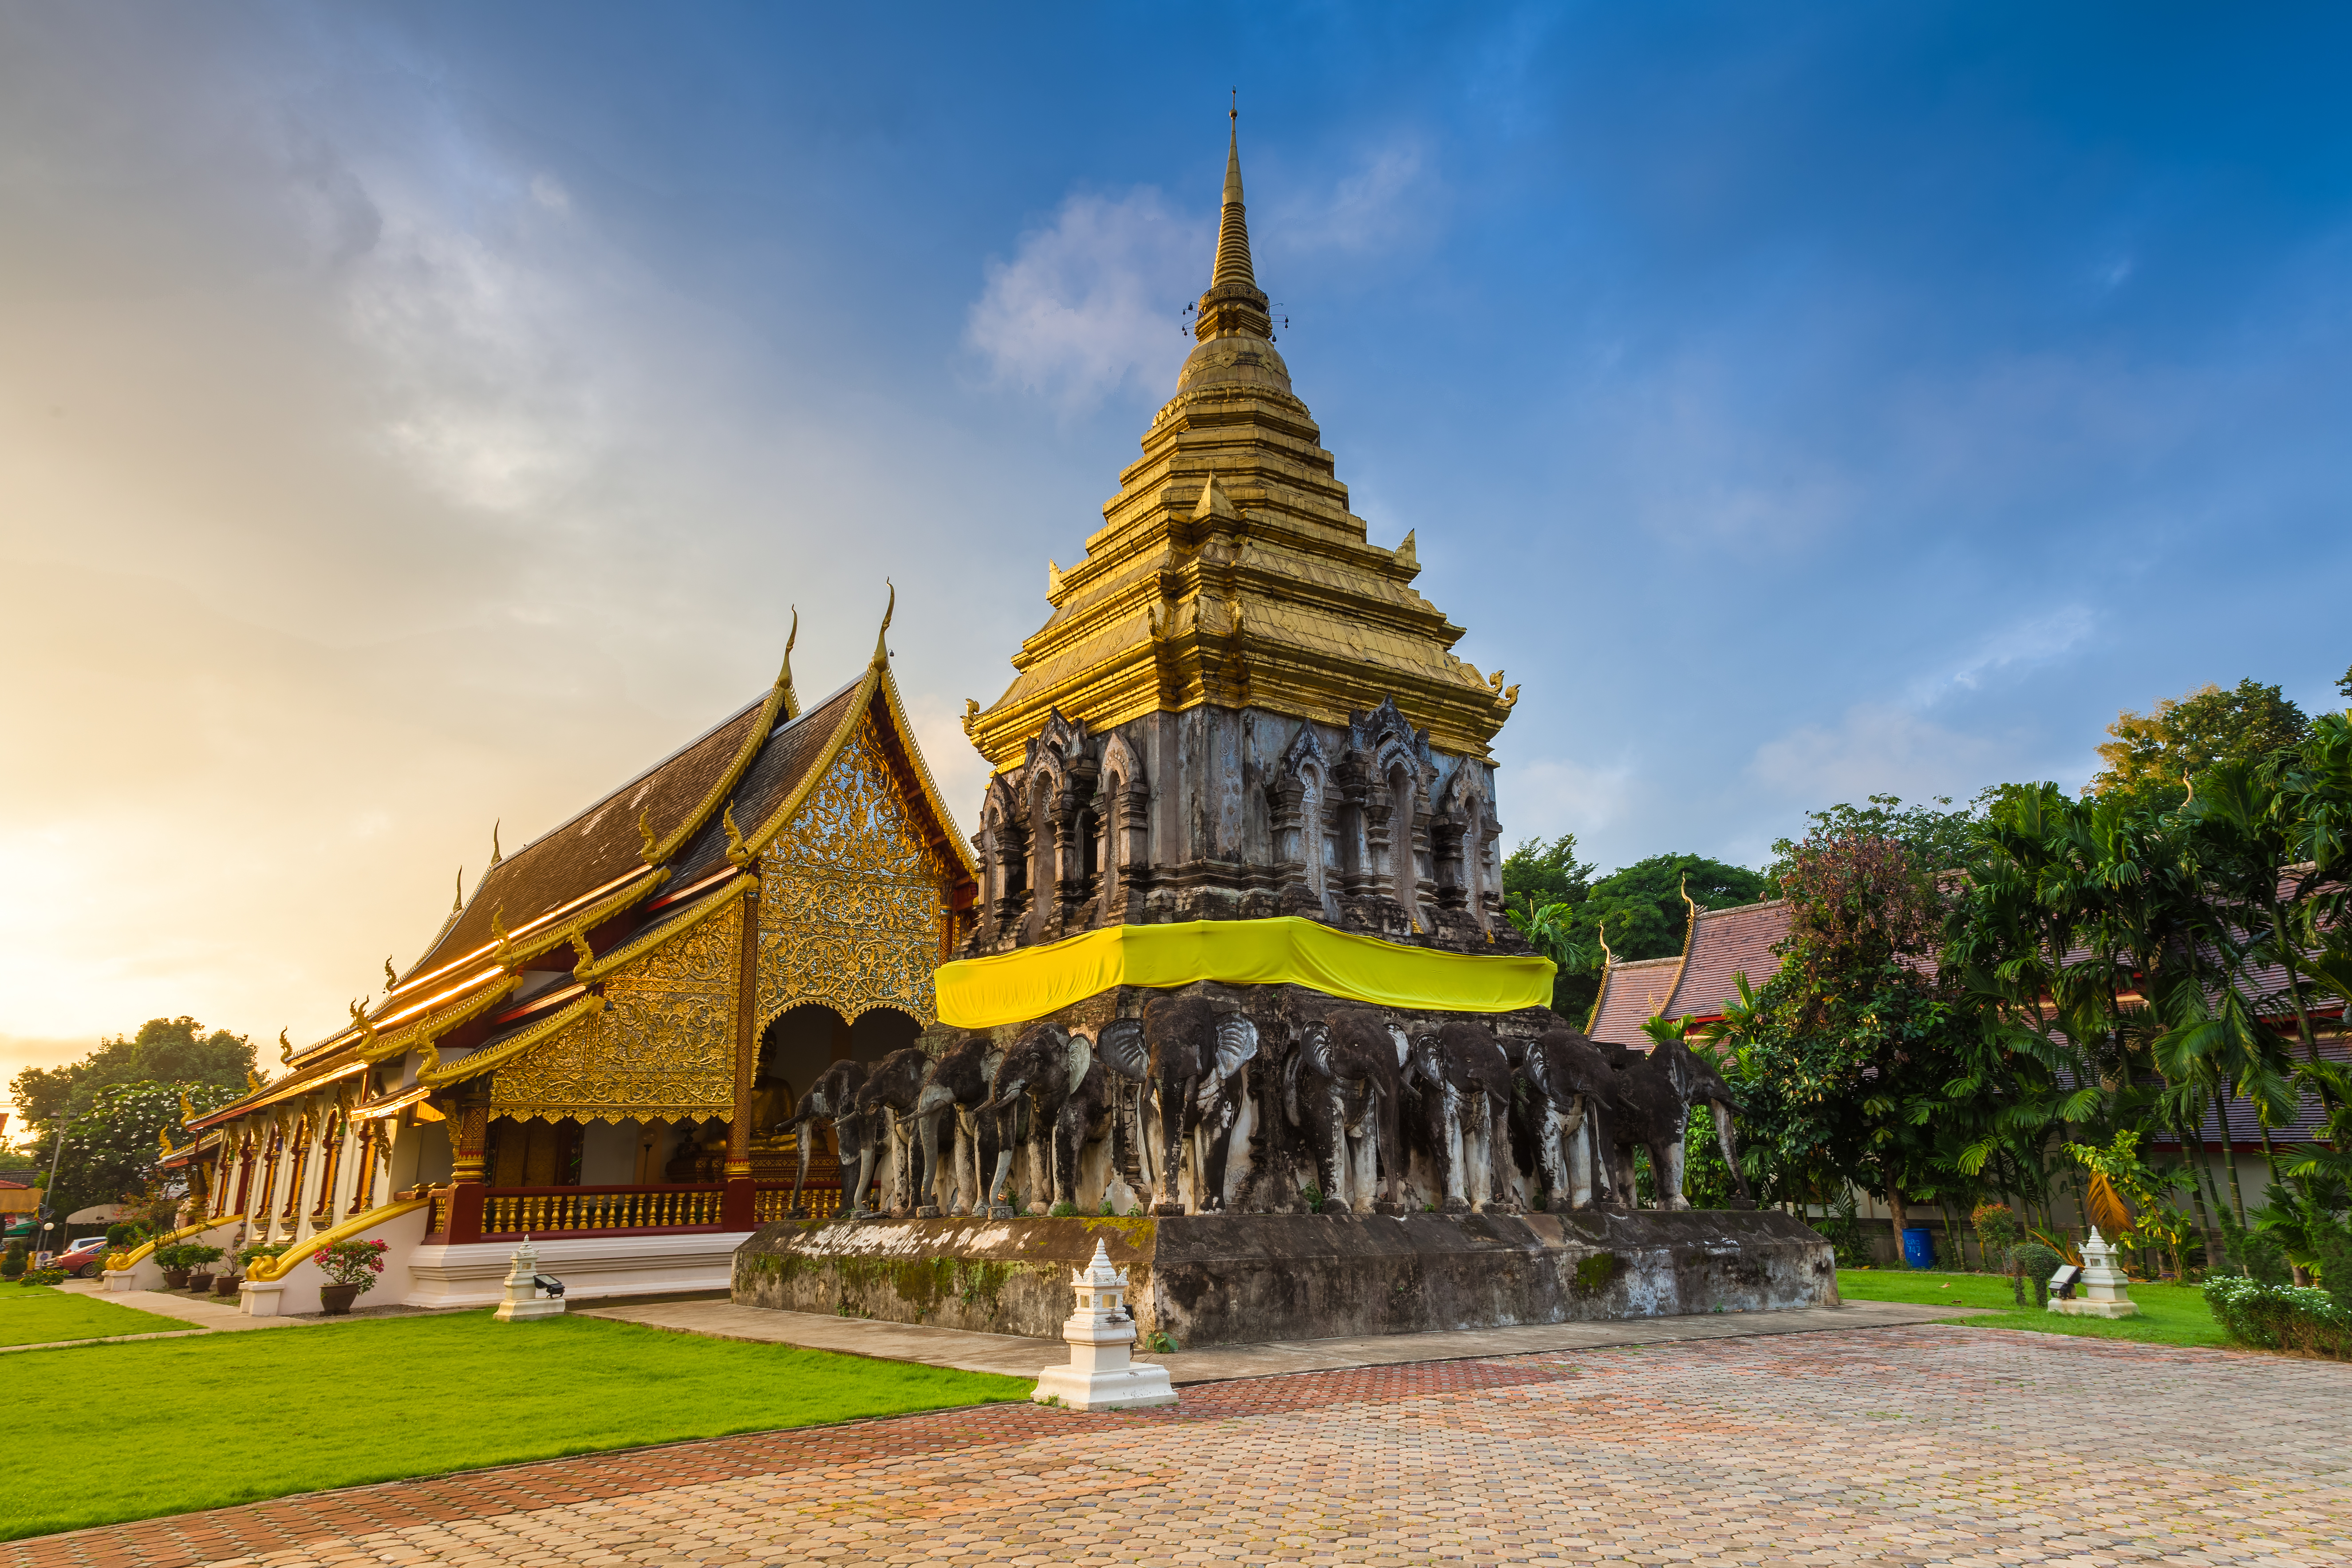 Chiang Mai, una ciudad monumental - Tailandia Gran Viaje Alrededor de Tailandia